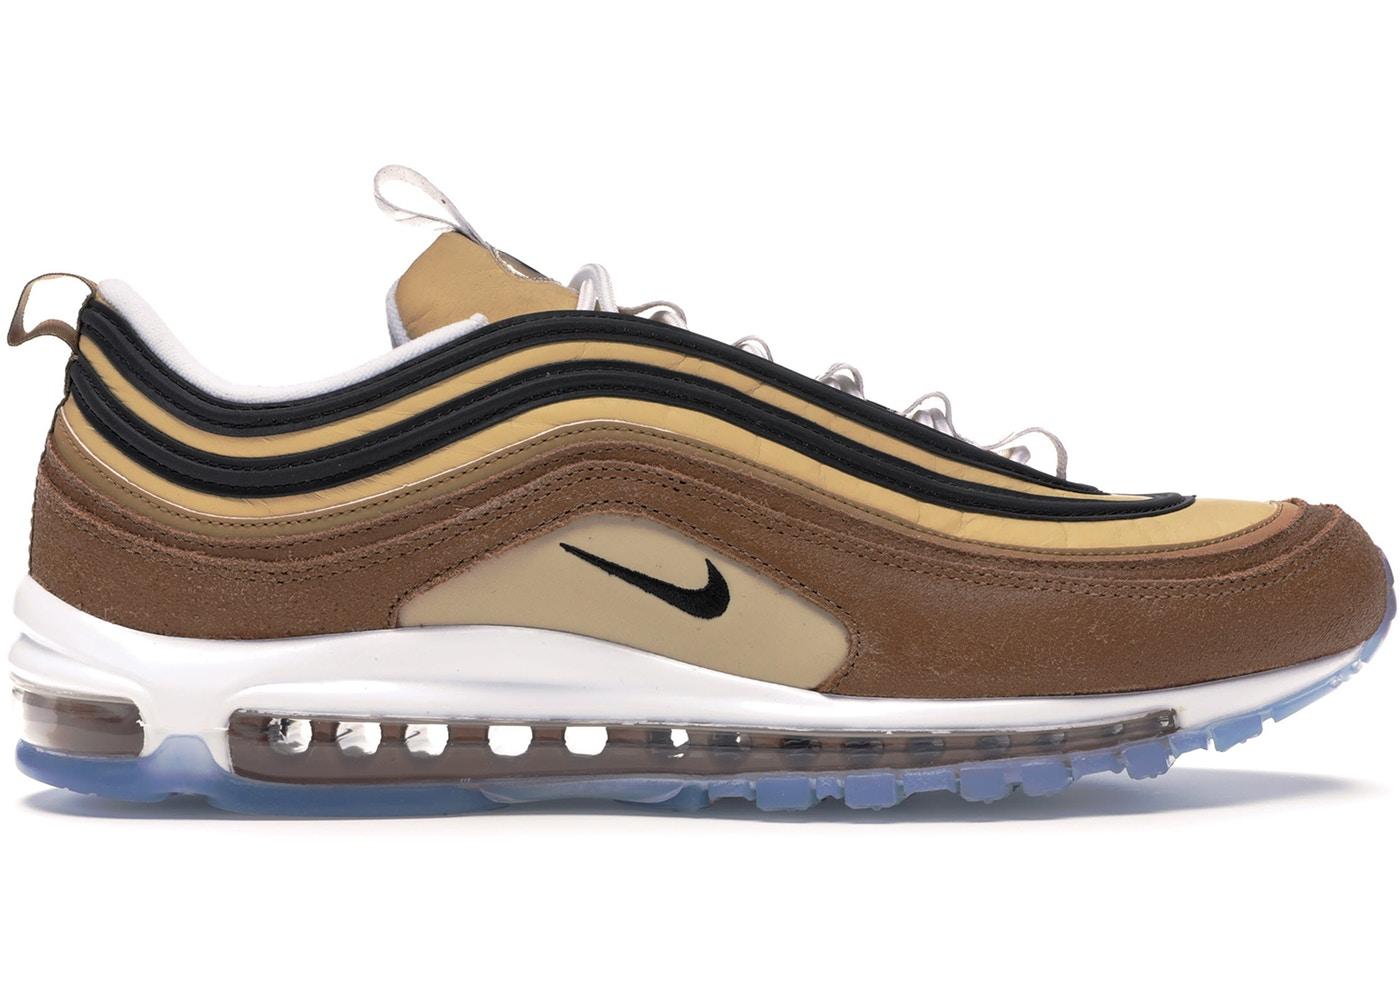 ナイキ メンズ エアマックス97 Nike Air Max 97 Shipping Box Ale Brown スニーカー ALE BROWN/BLACK-ELEMENTAL GOLD